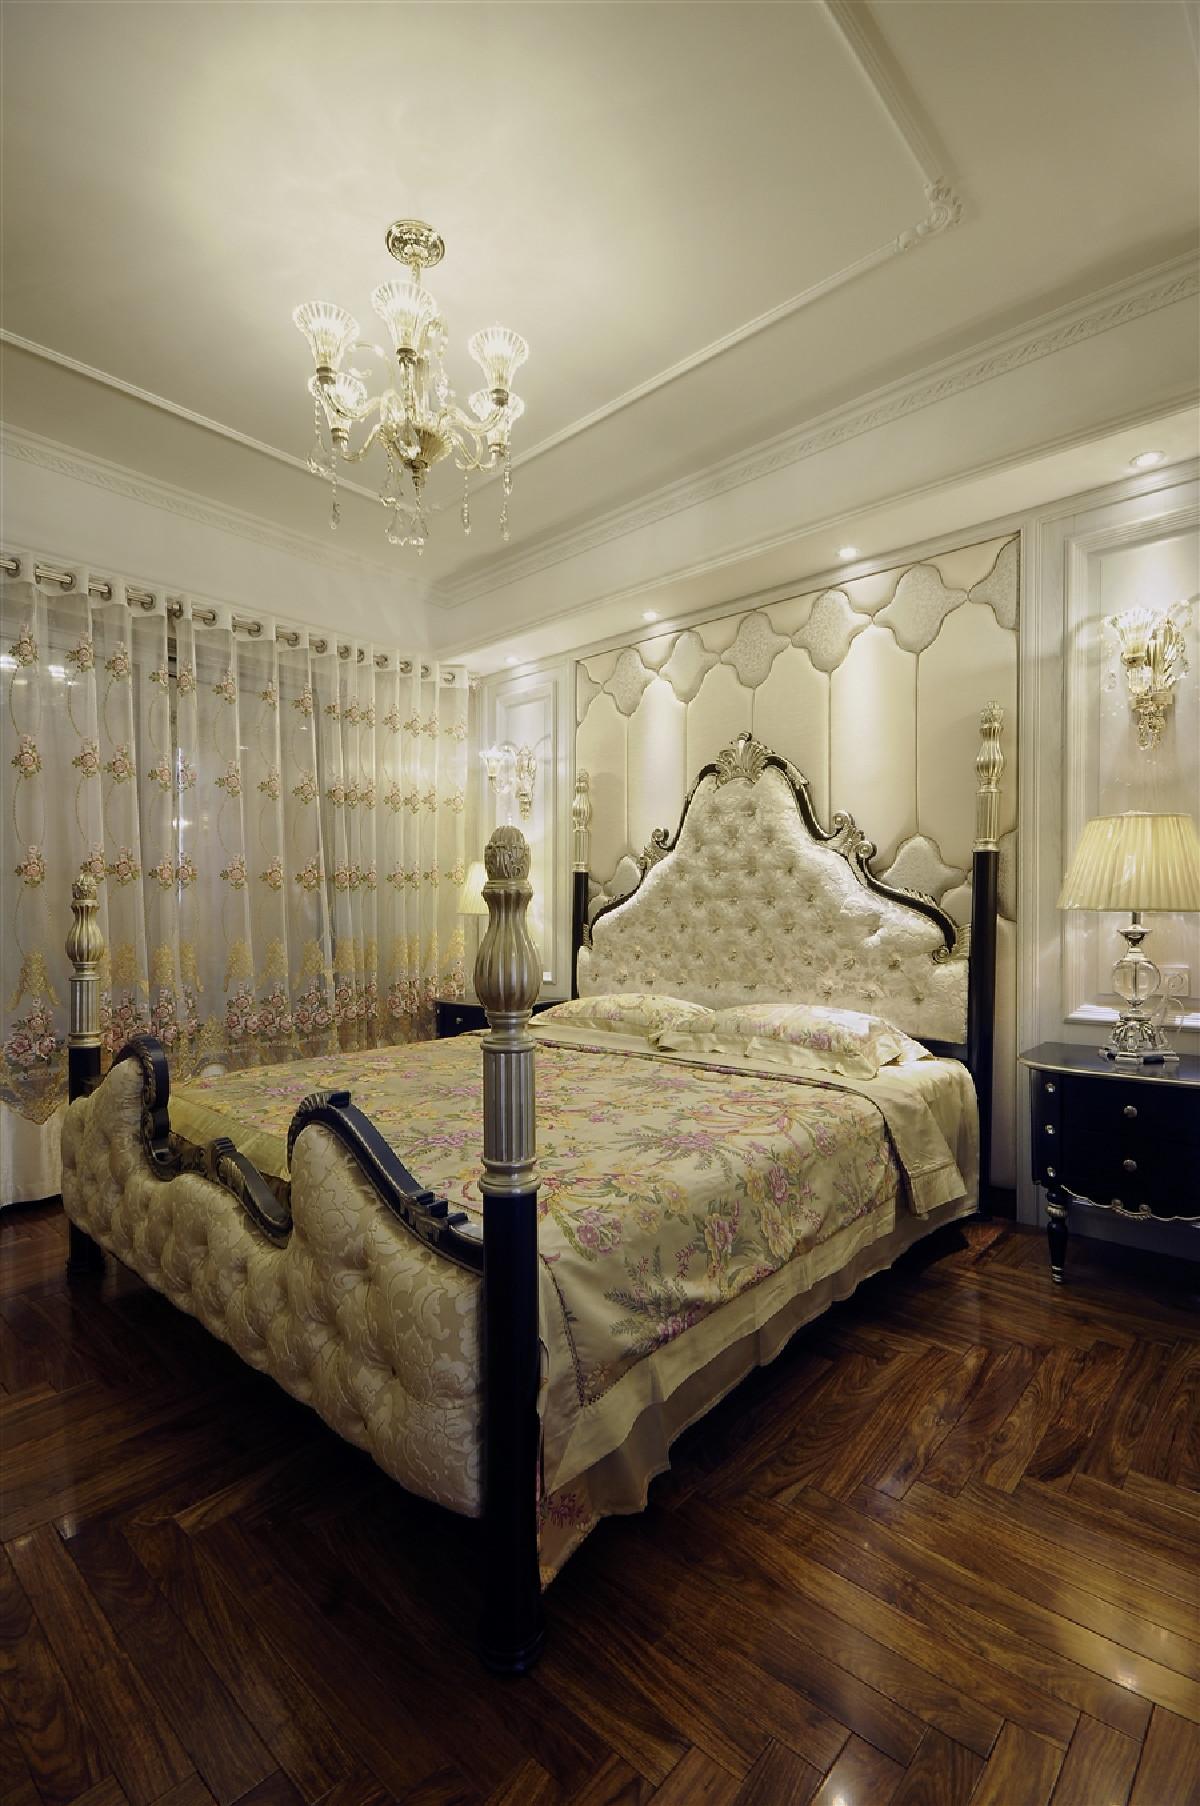 称均衡、比例严谨的空间(平面、墙顶面)构图,金黄红银为主的华丽色调,华丽的欧式古典灯具及软装饰品。